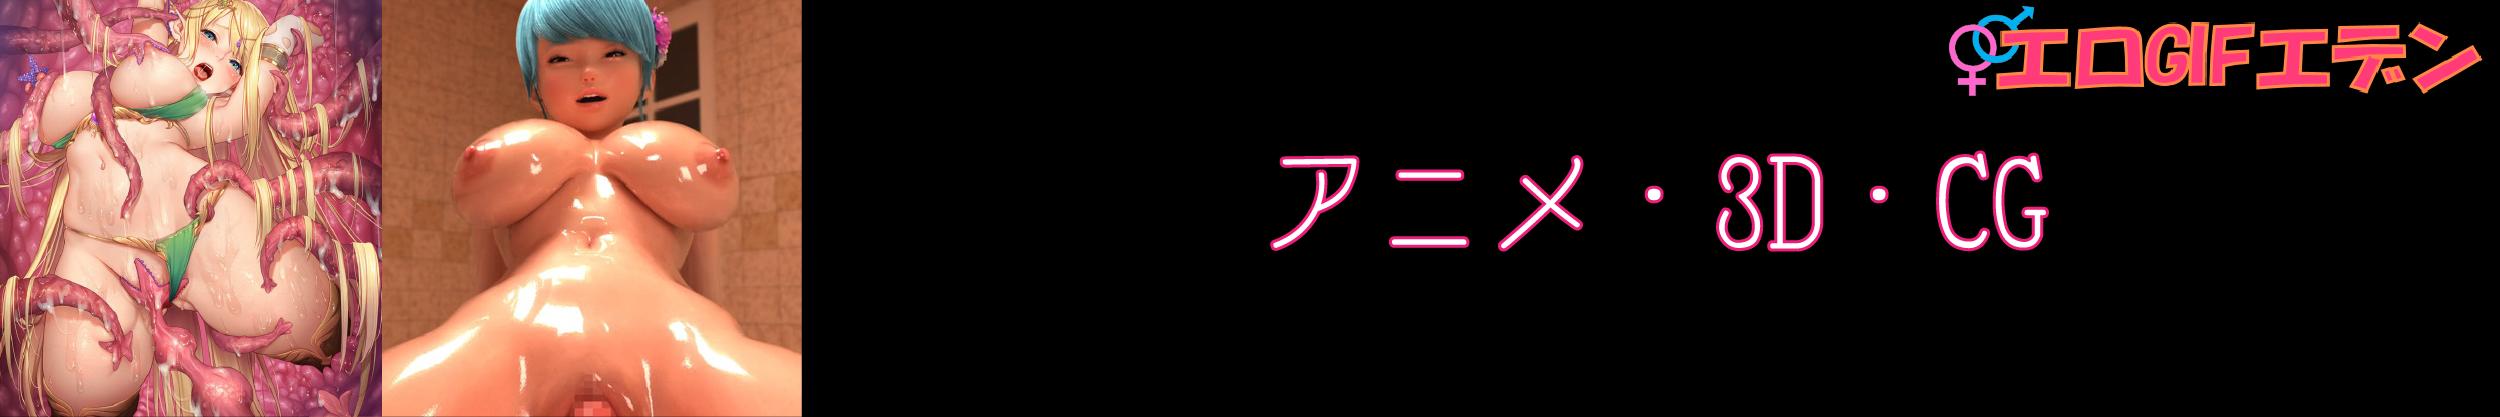 アニメ・3D・CG_アートボード 1_アートボード 1_アートボード 1